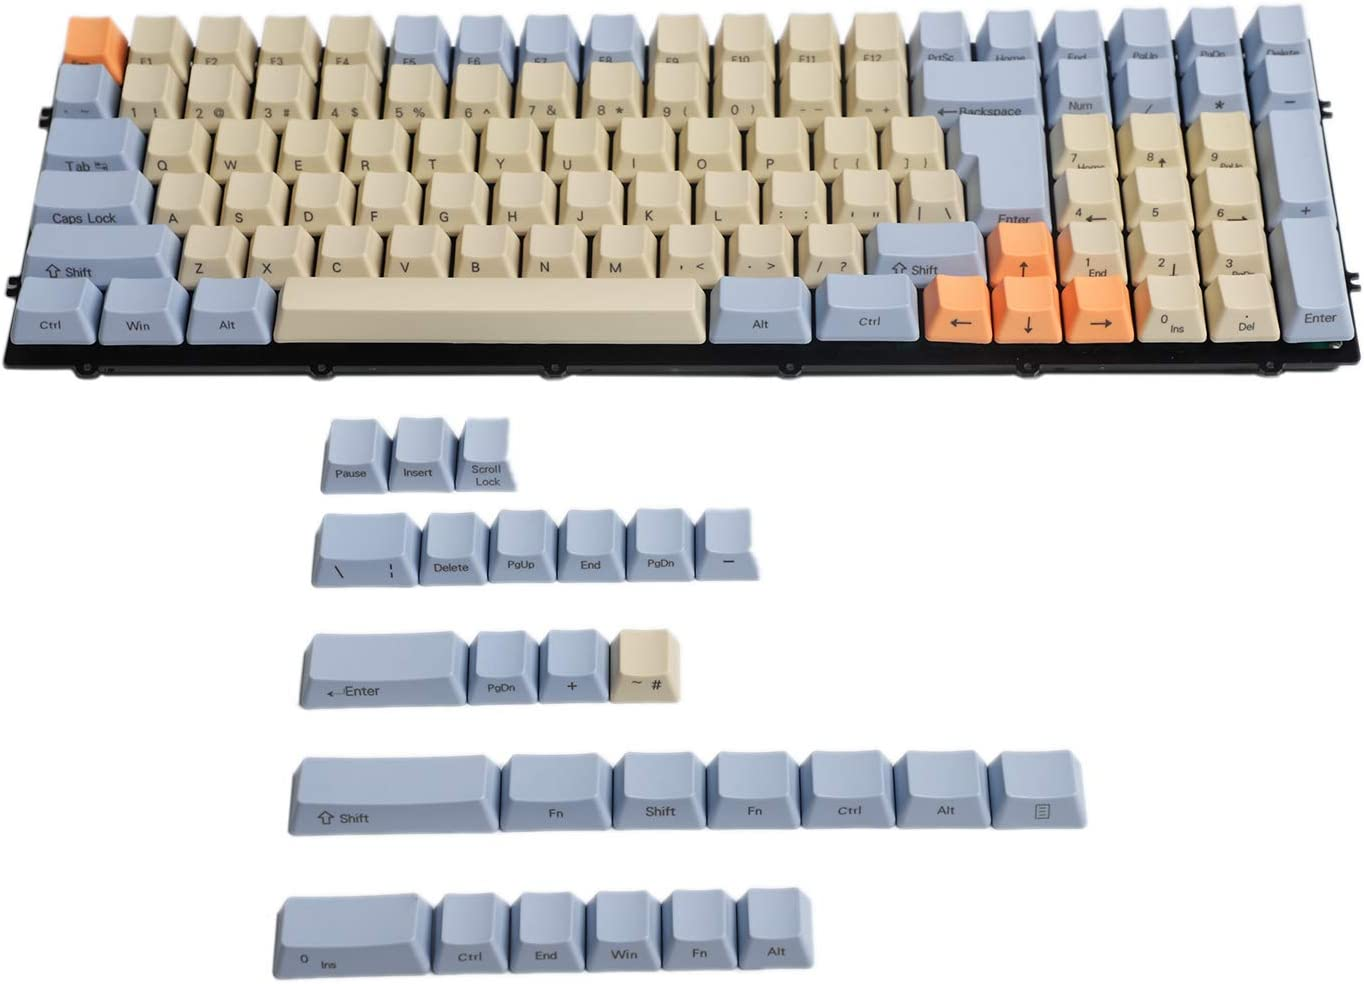 YMDK Blue & Beige OEM Profile Side Printed PBT Keycaps